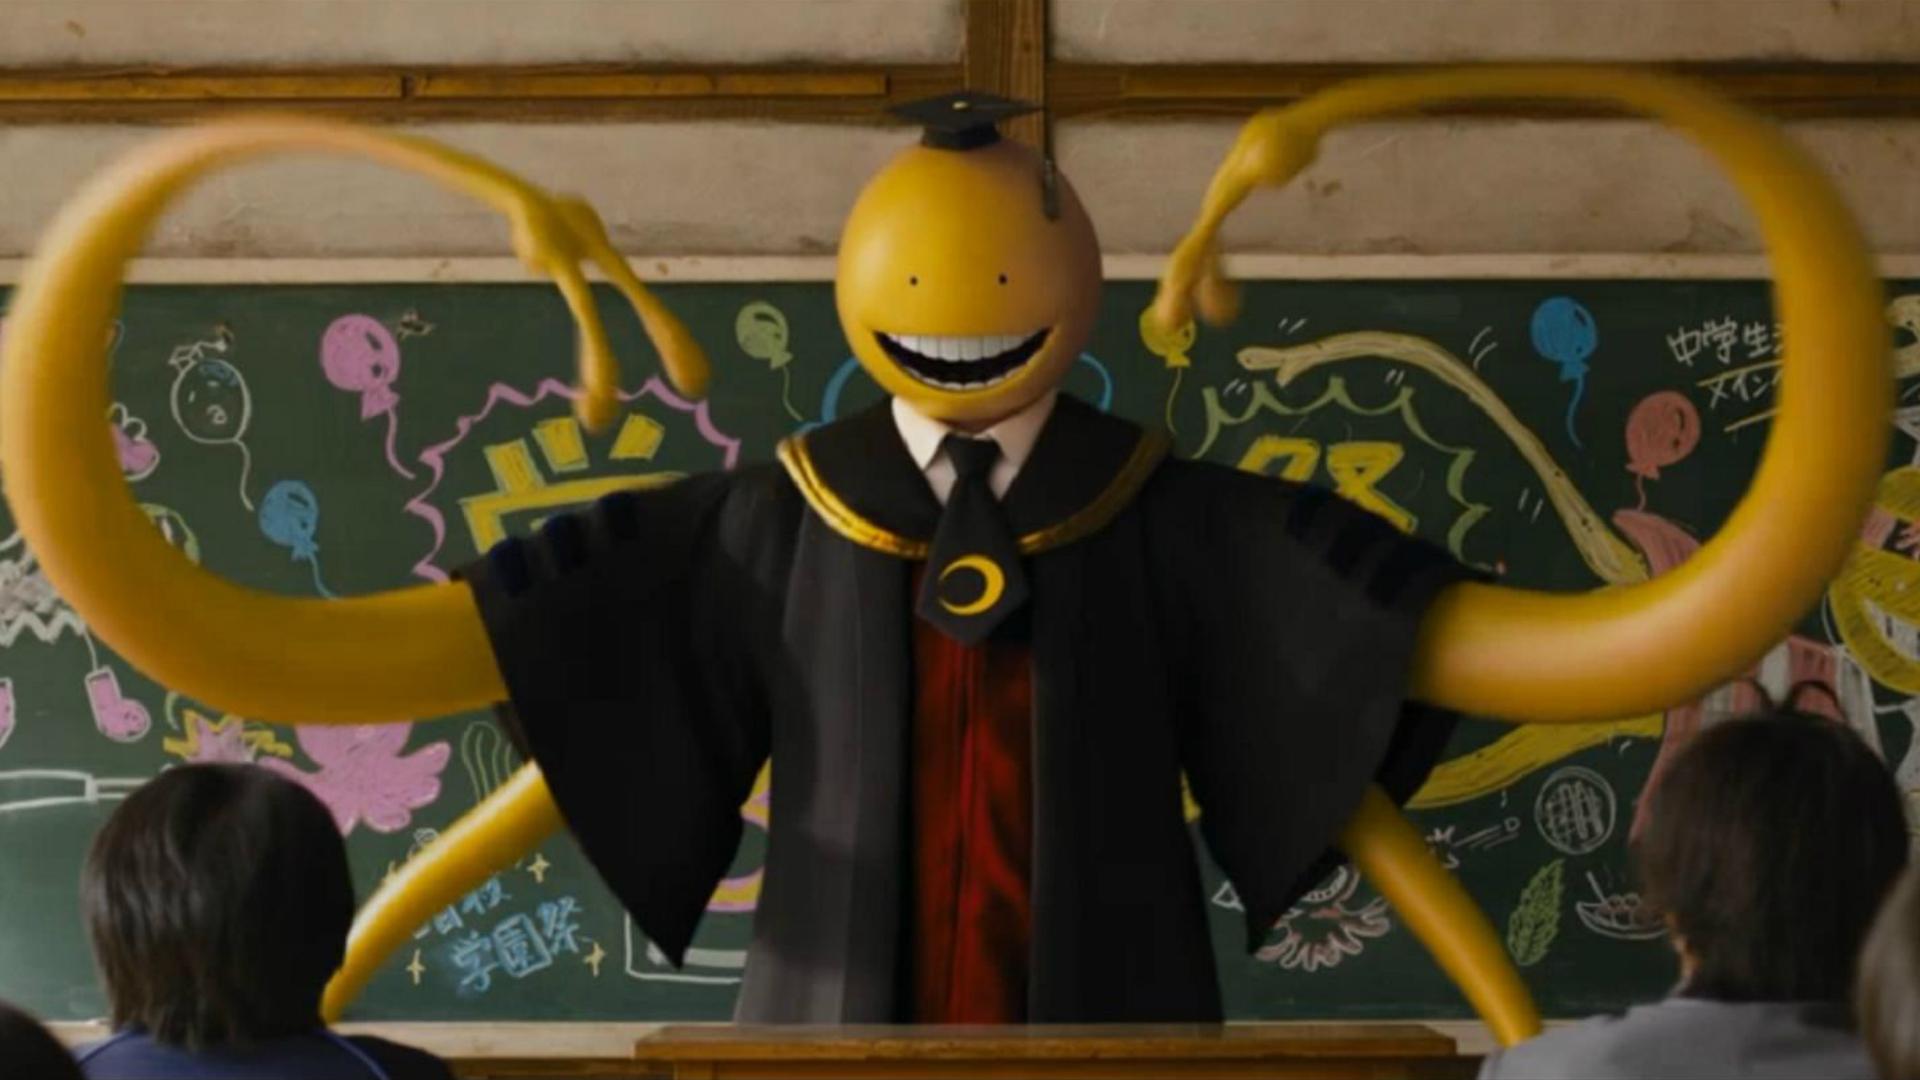 #经典看电影#学校来了个超能力老师,谁要是不听话就倒霉了!一部喜剧奇幻电影